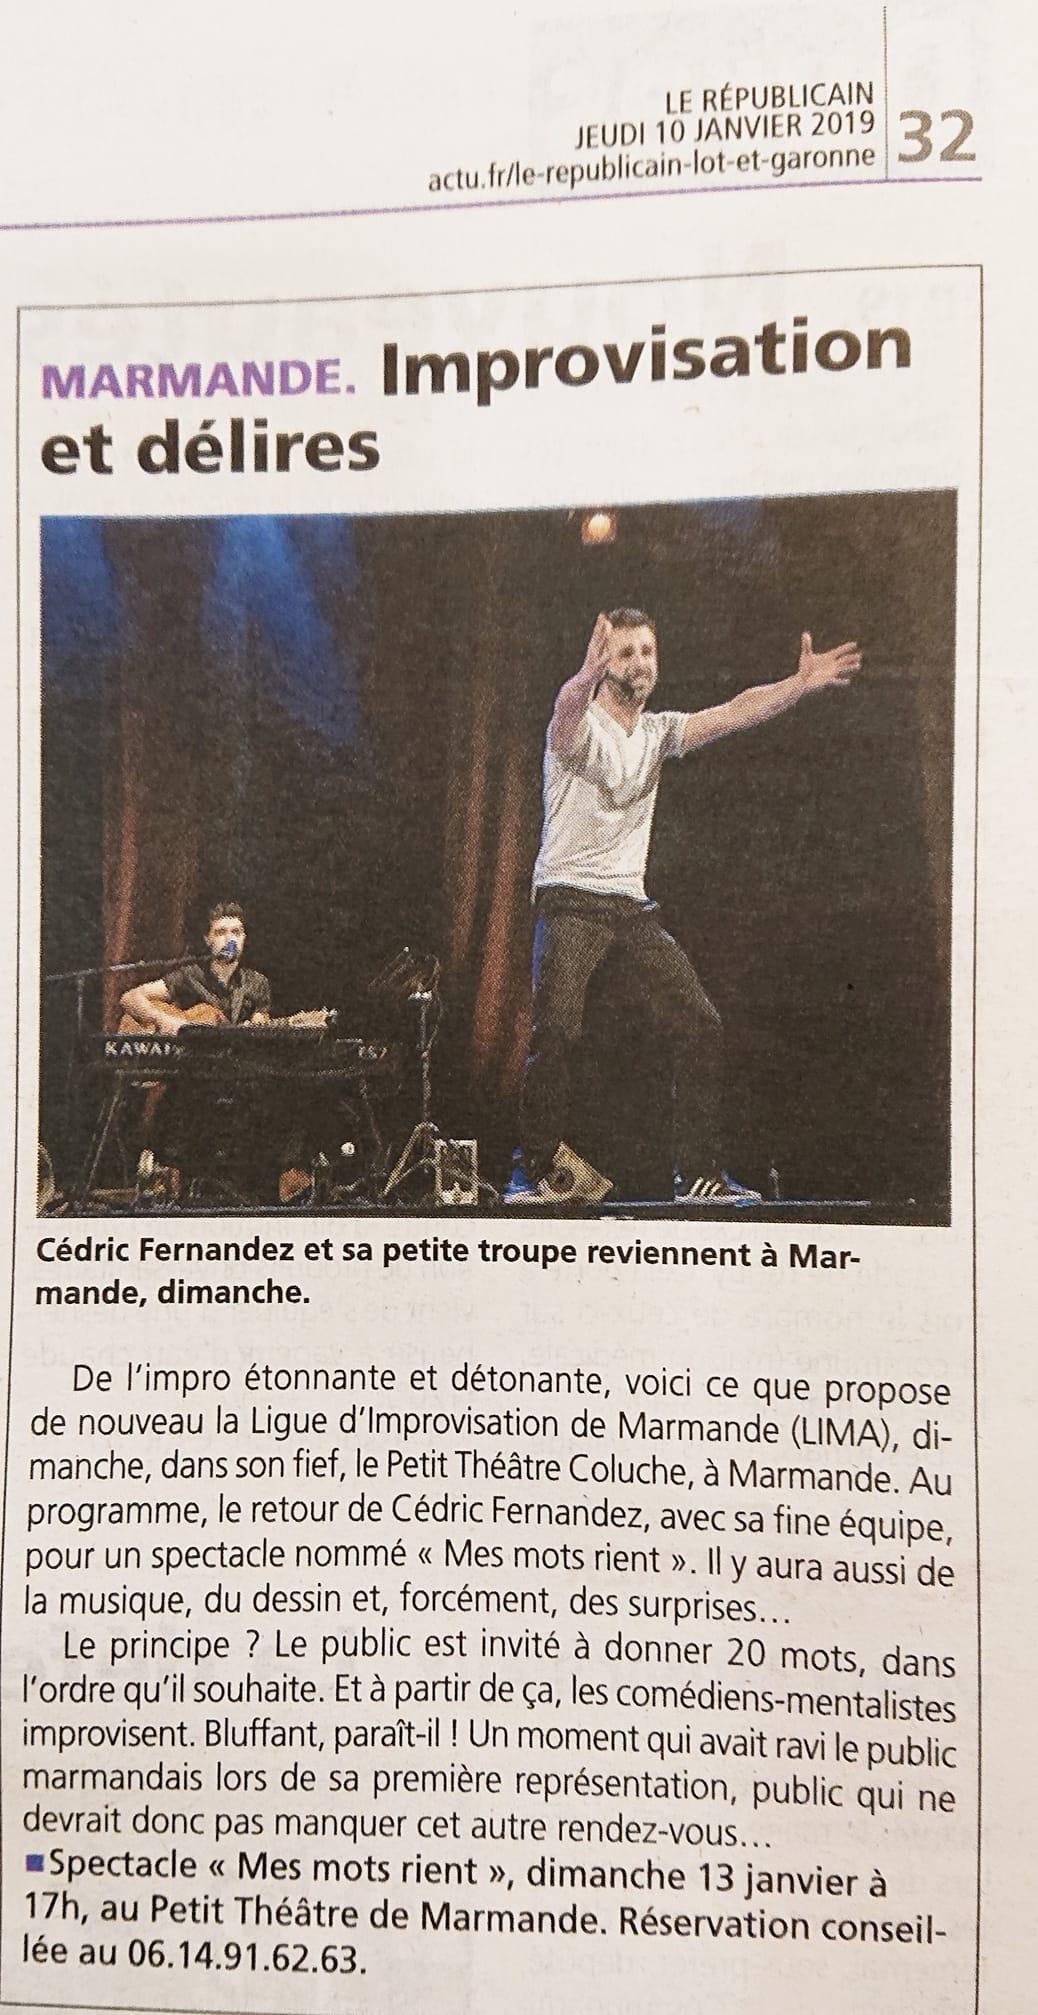 Journal Le Républicain du 10 janvier 2019